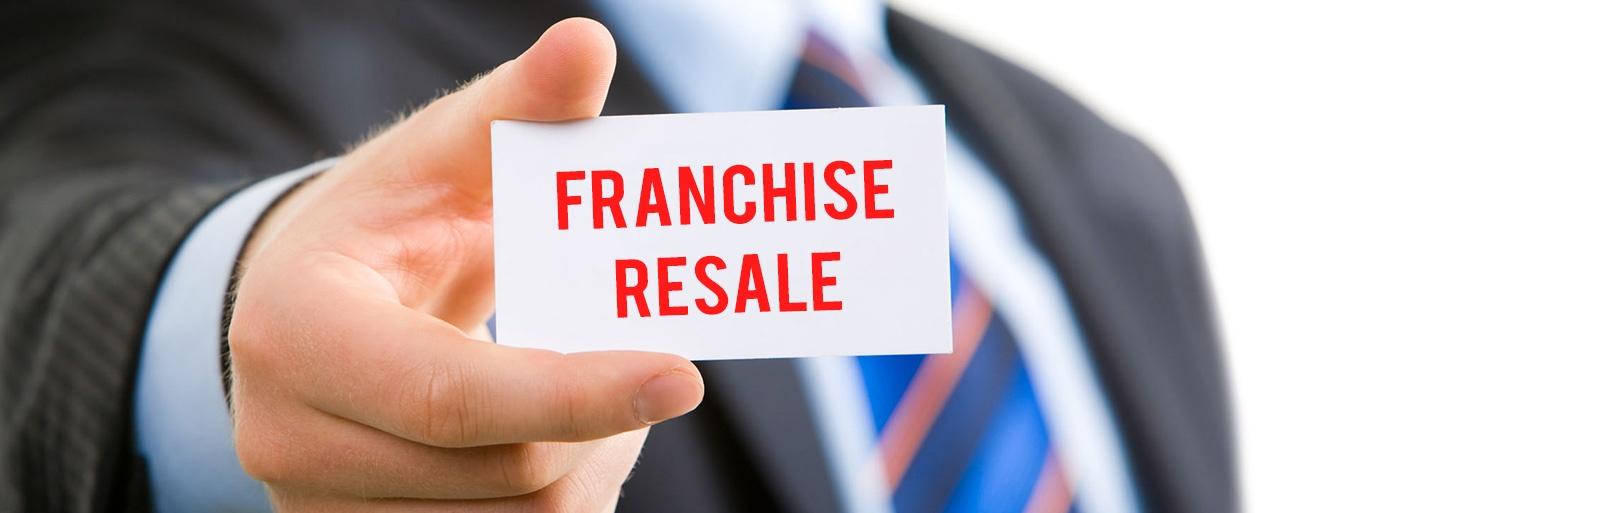 franchise-resale